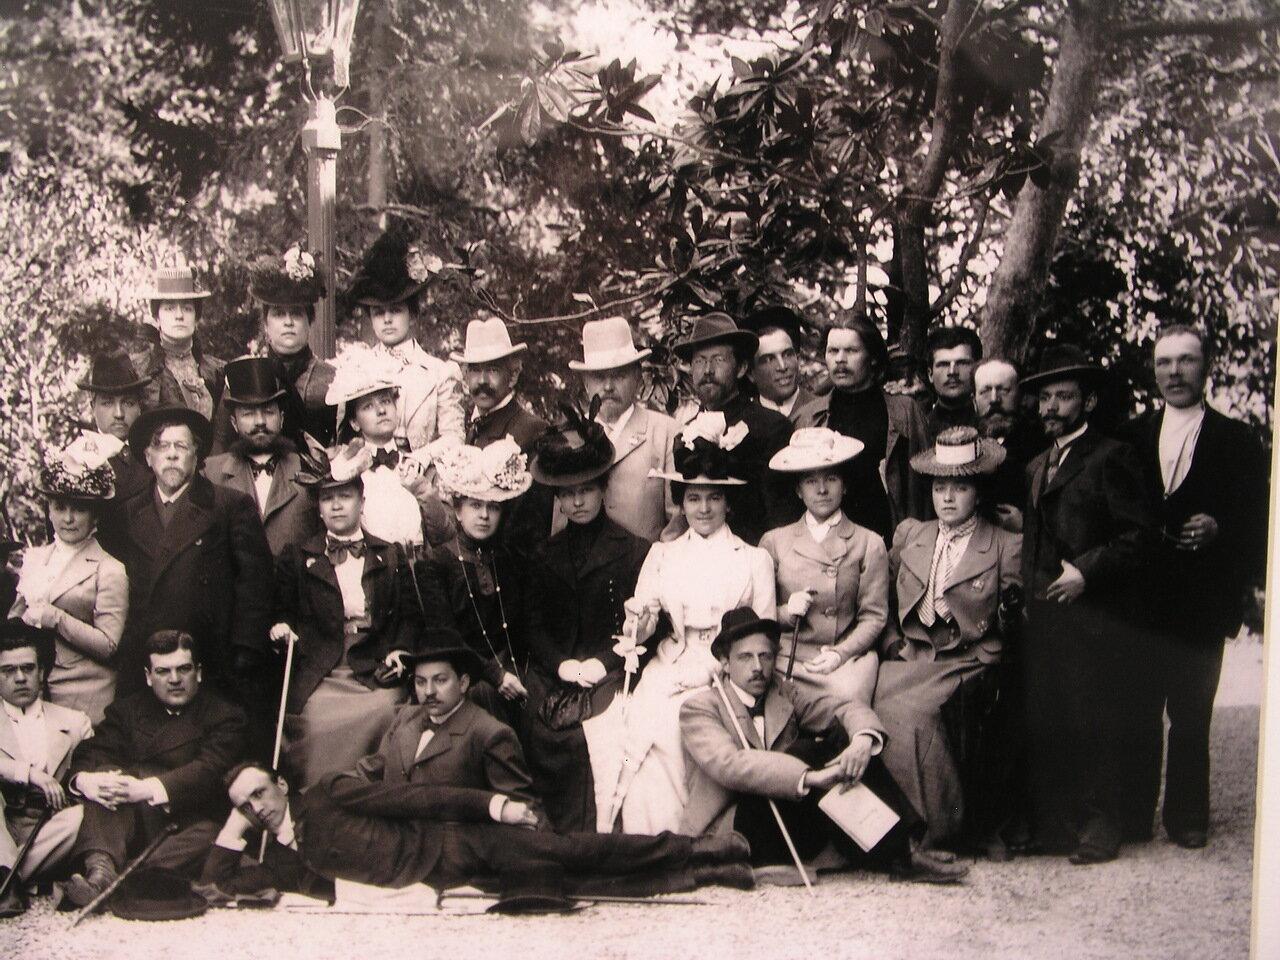 Чехов и Горький с труппой МХТ (присутствуют Станиславский, Мейерхольд и Ольга Книппер)